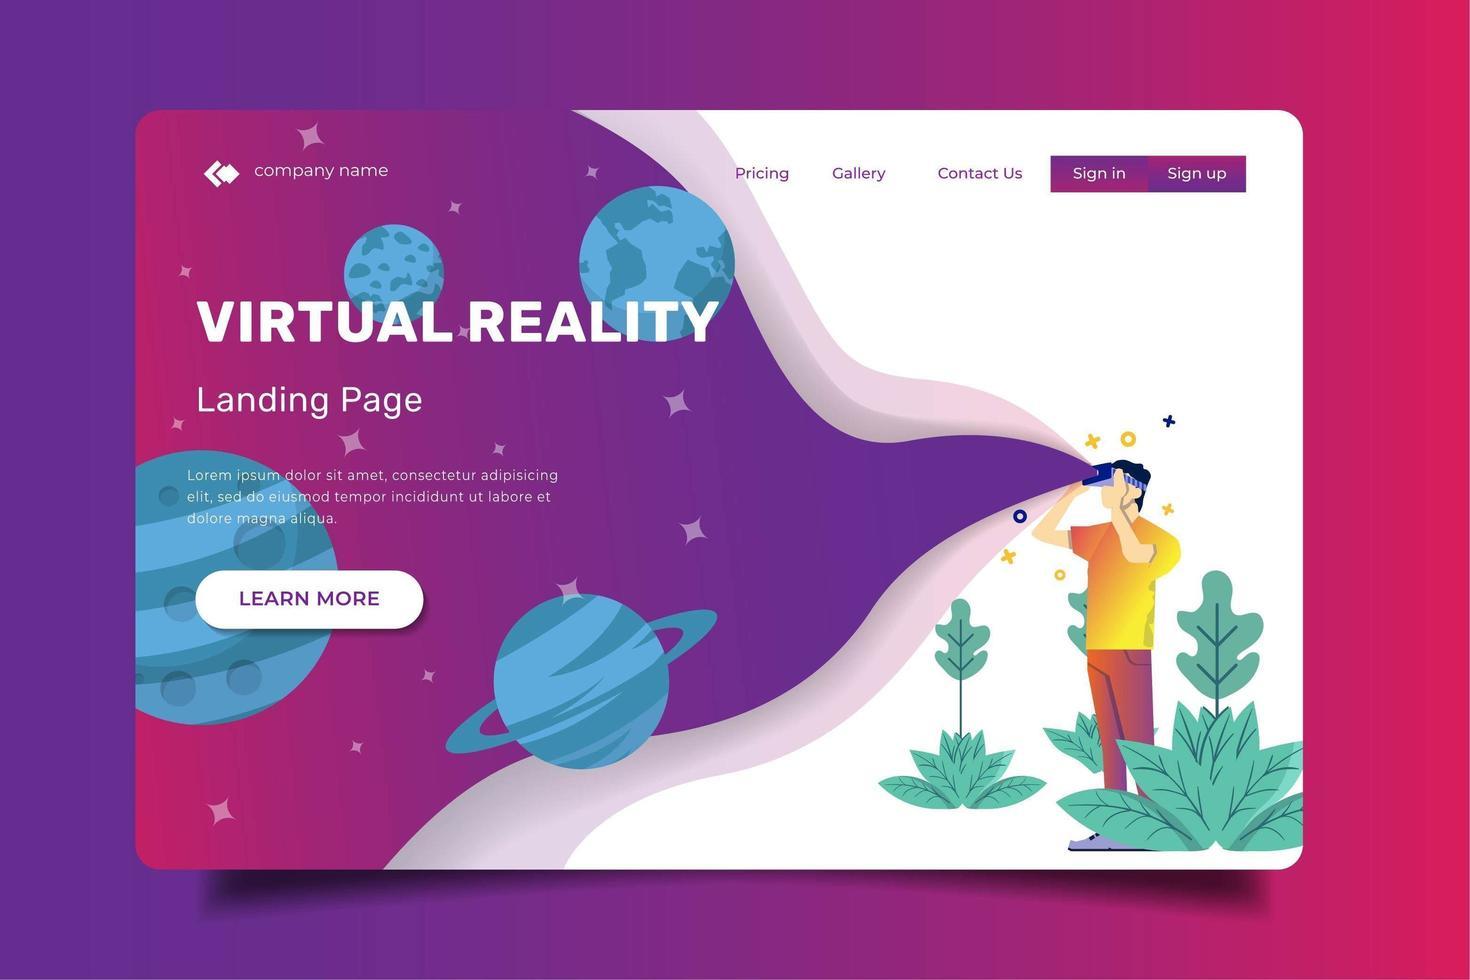 Landing Page mit einem Mann nutzen virtuelle Realität vektor